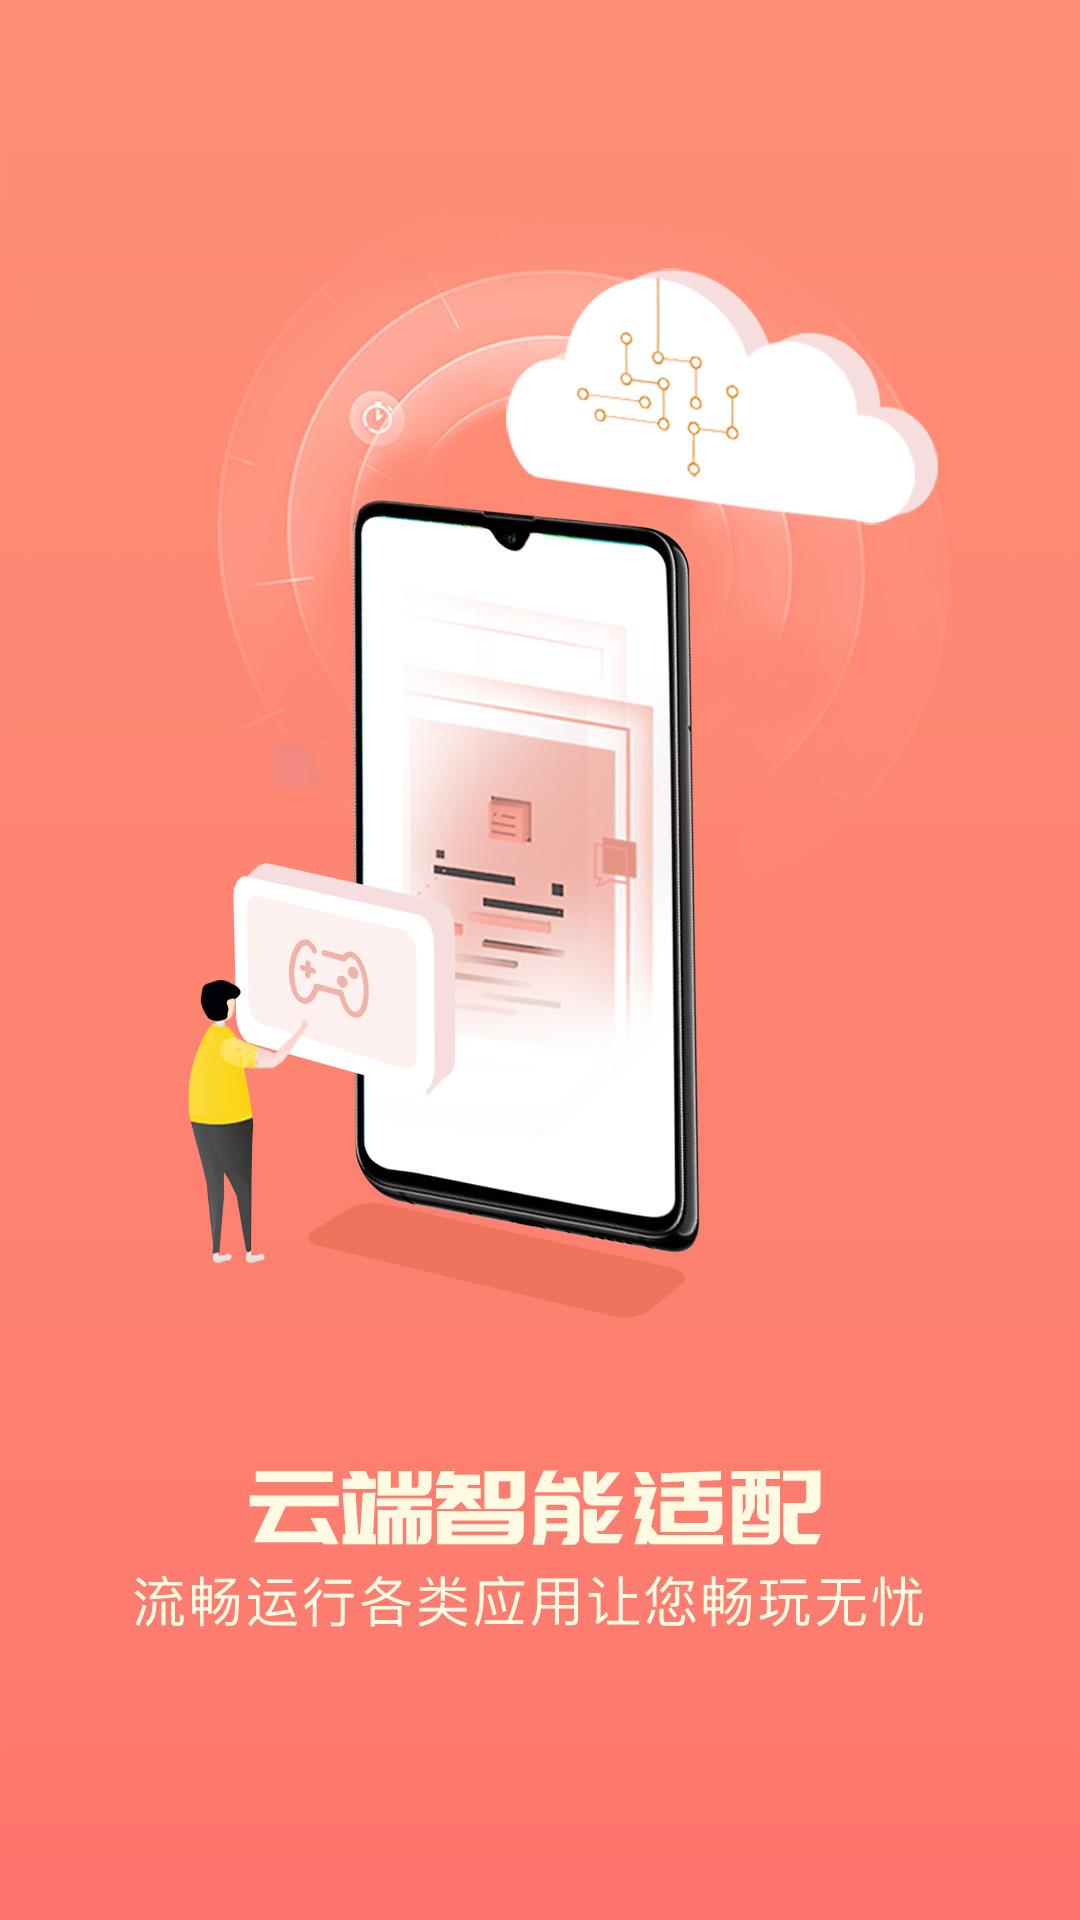 爱云兔云手机appv2.9.2 最新版